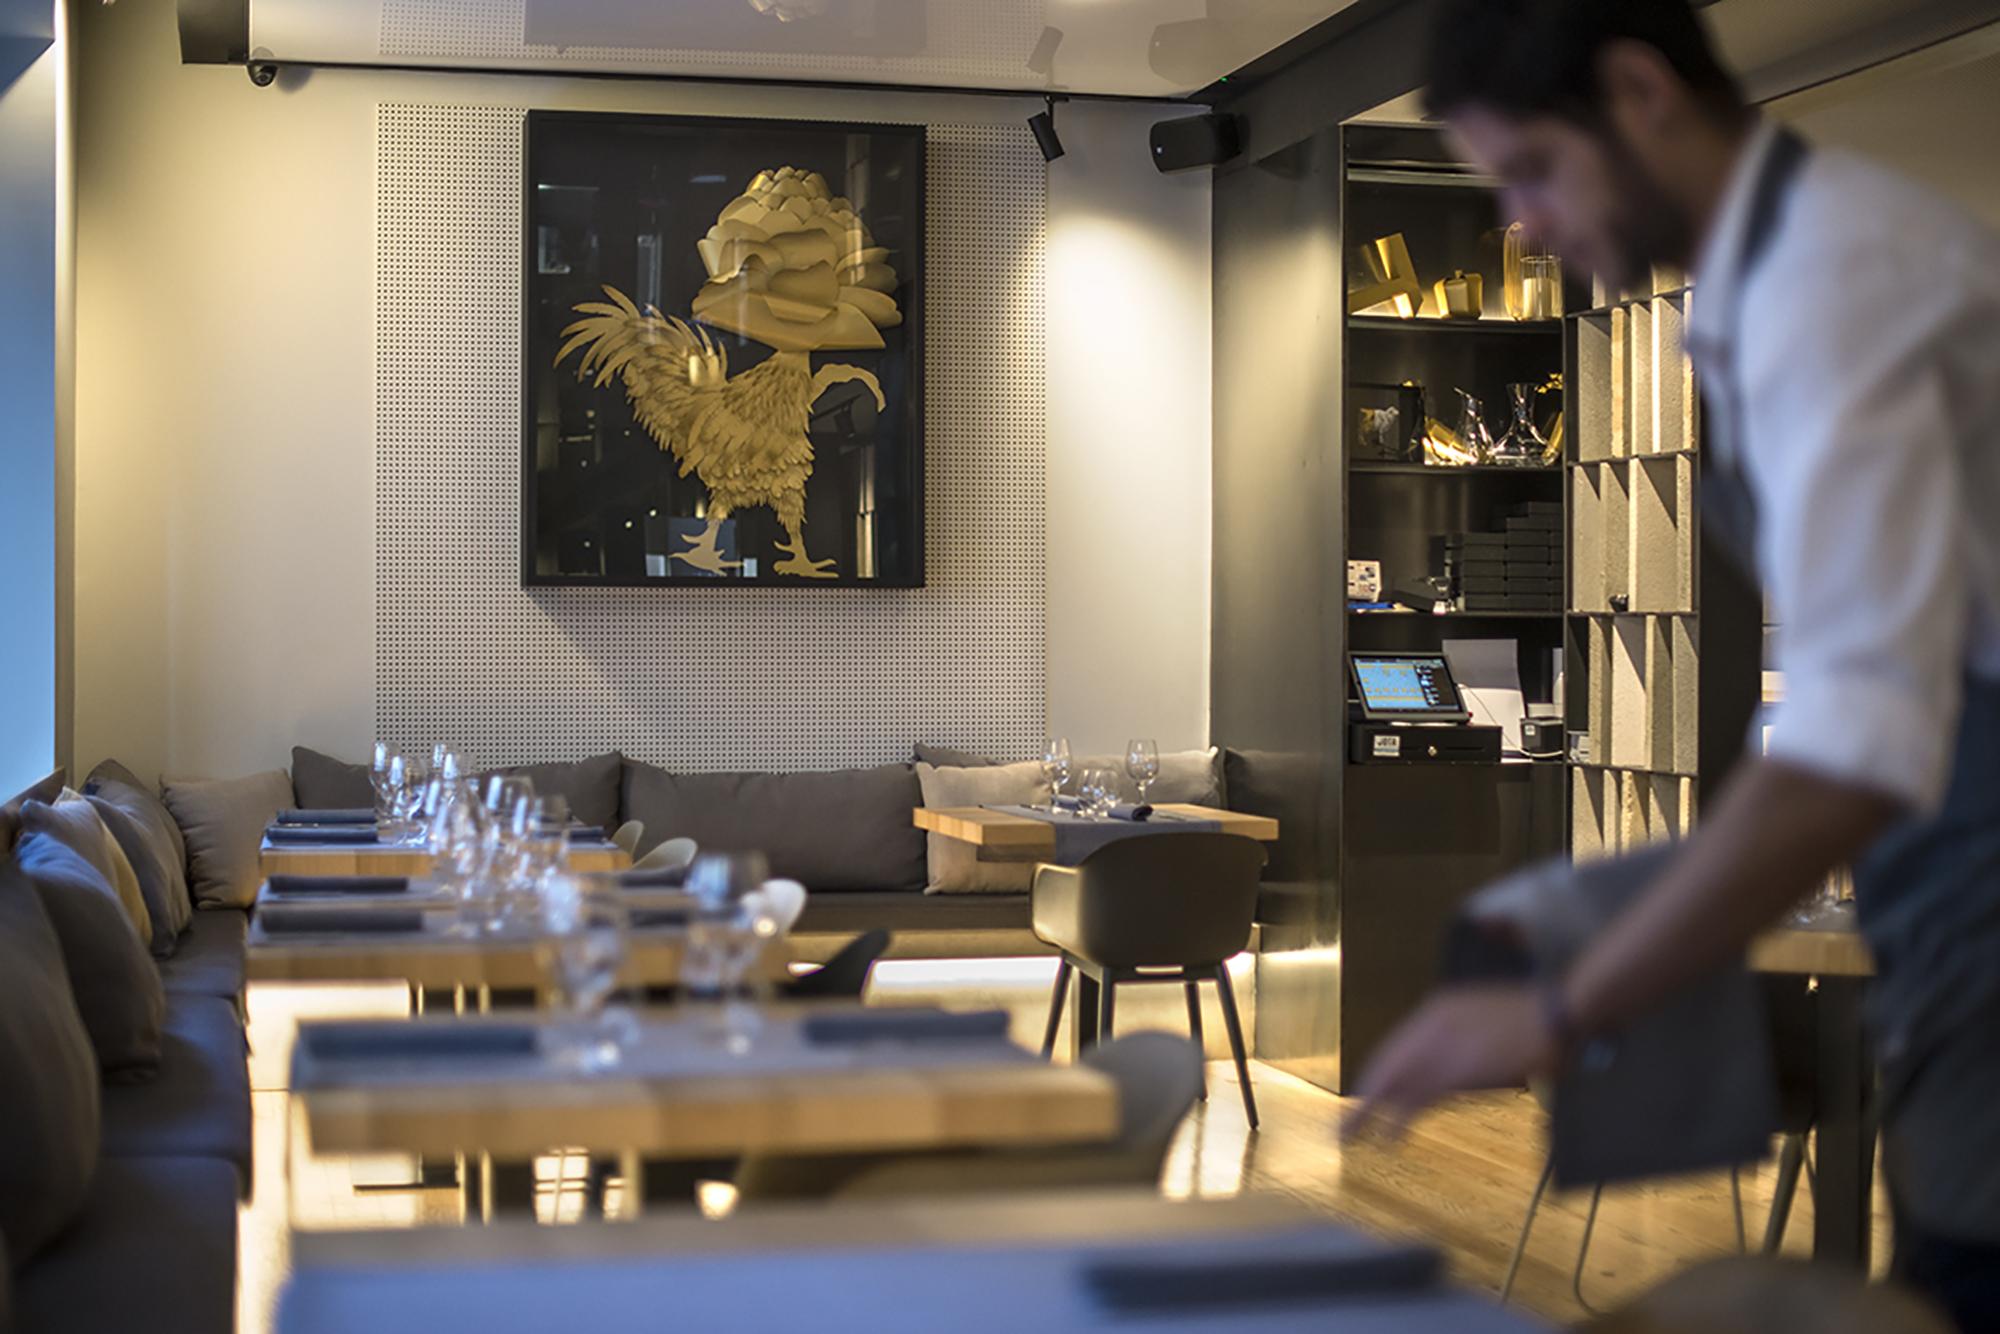 Un pollo con cabeza de alcachofa preside el salón del restaurante.